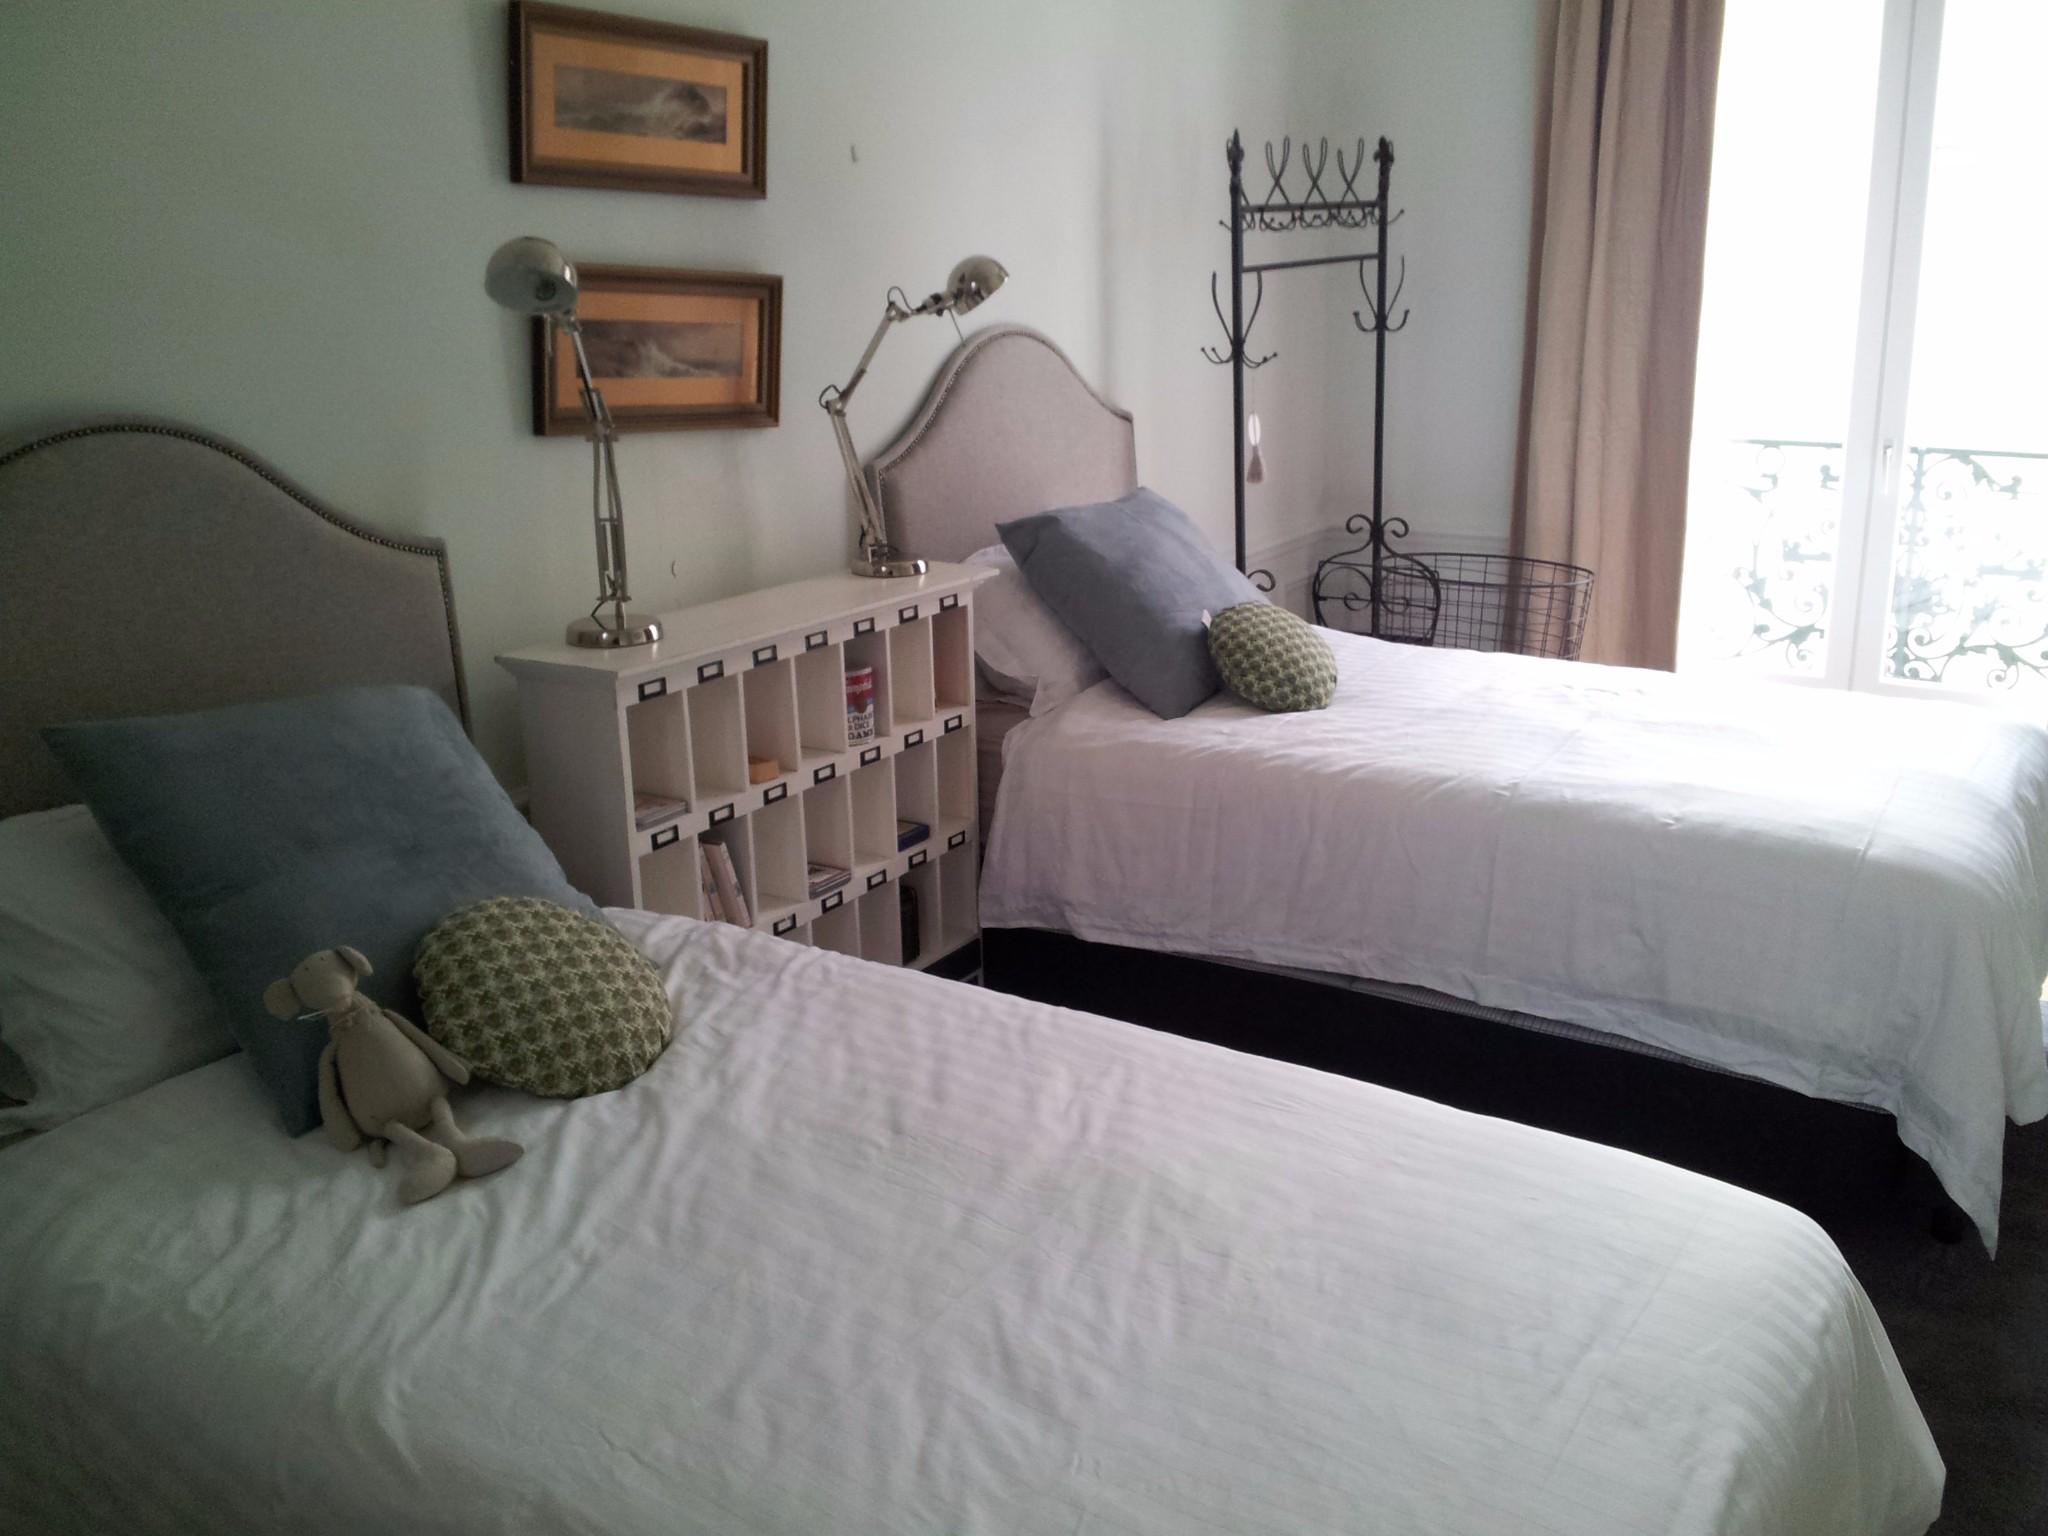 R novation d 39 un appartement reims ocordo reims - Renovation chambre ...